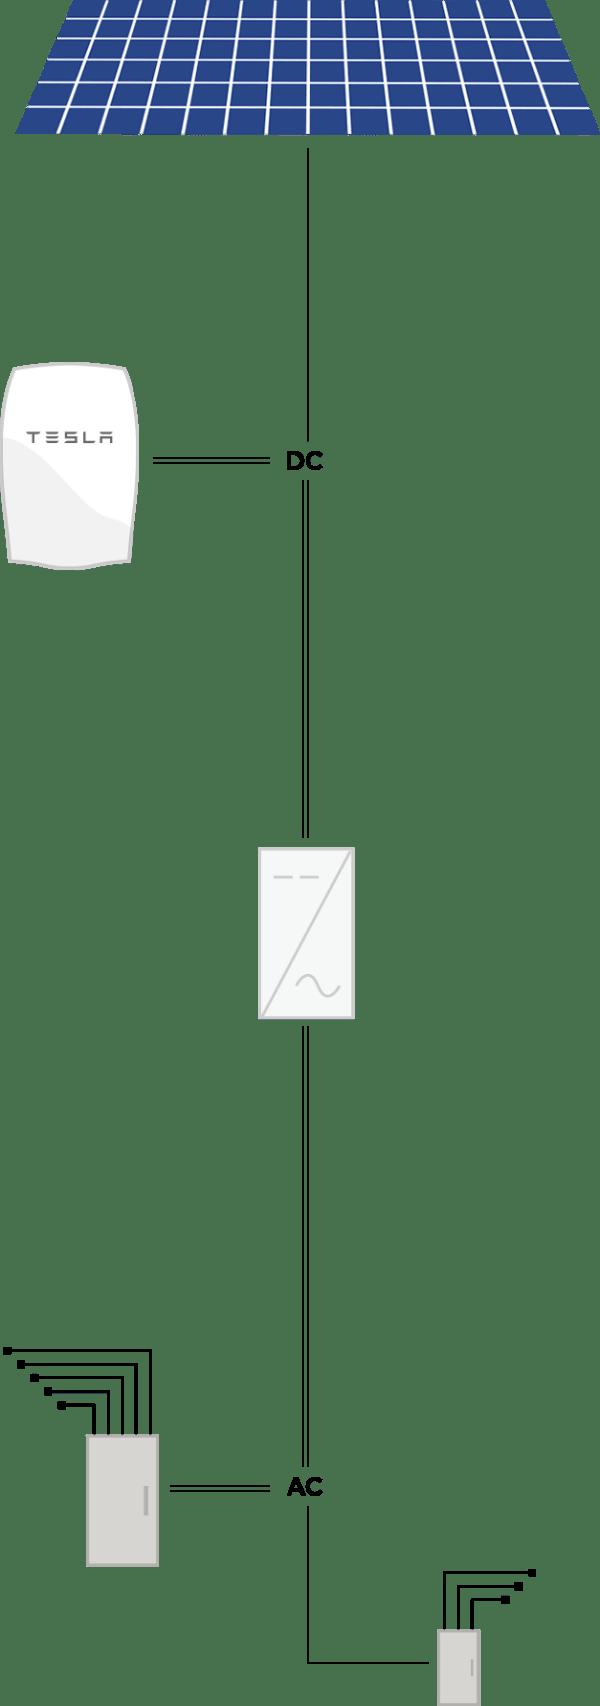 futura-auto-elettrica-progettazione-casa-tetto-efficiente-tesla   -01